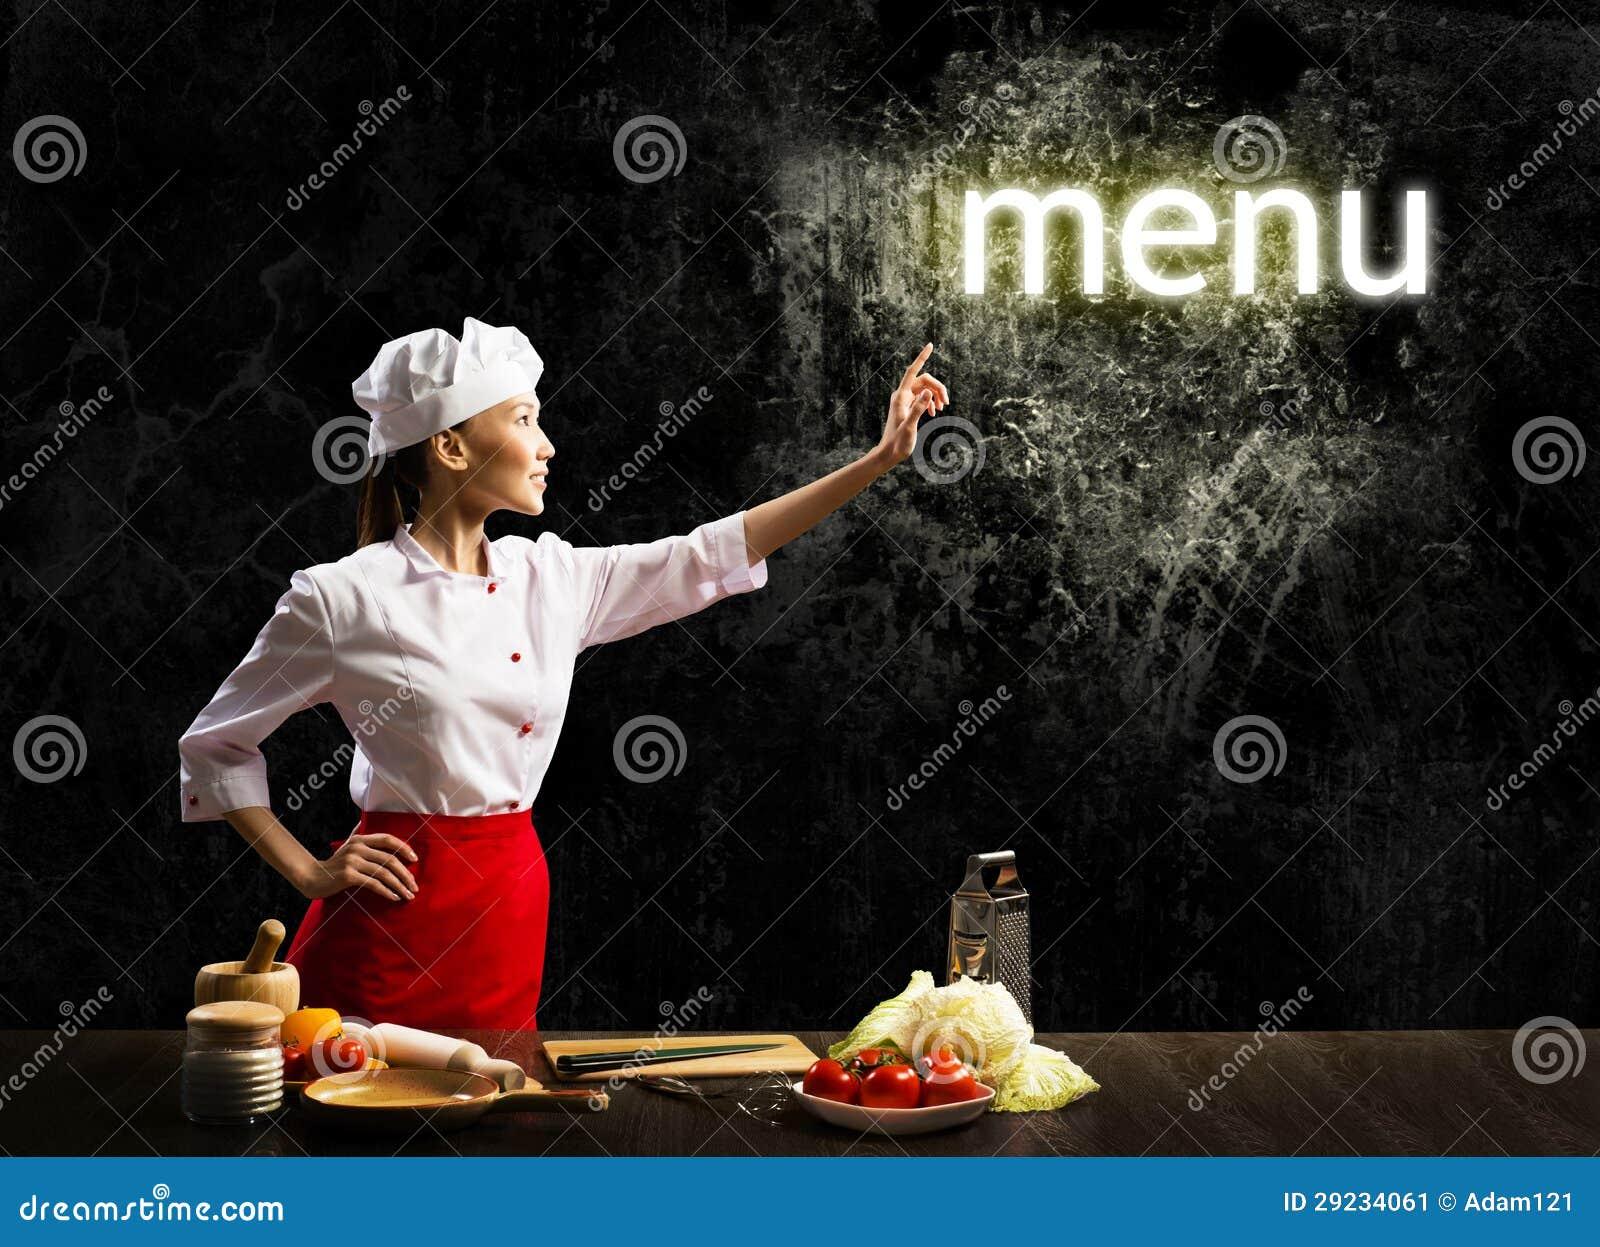 Download Menu De Incandescência Da Palavra Do Toque Do Cozinheiro Da Mulher Imagem de Stock - Imagem de feliz, cuisine: 29234061